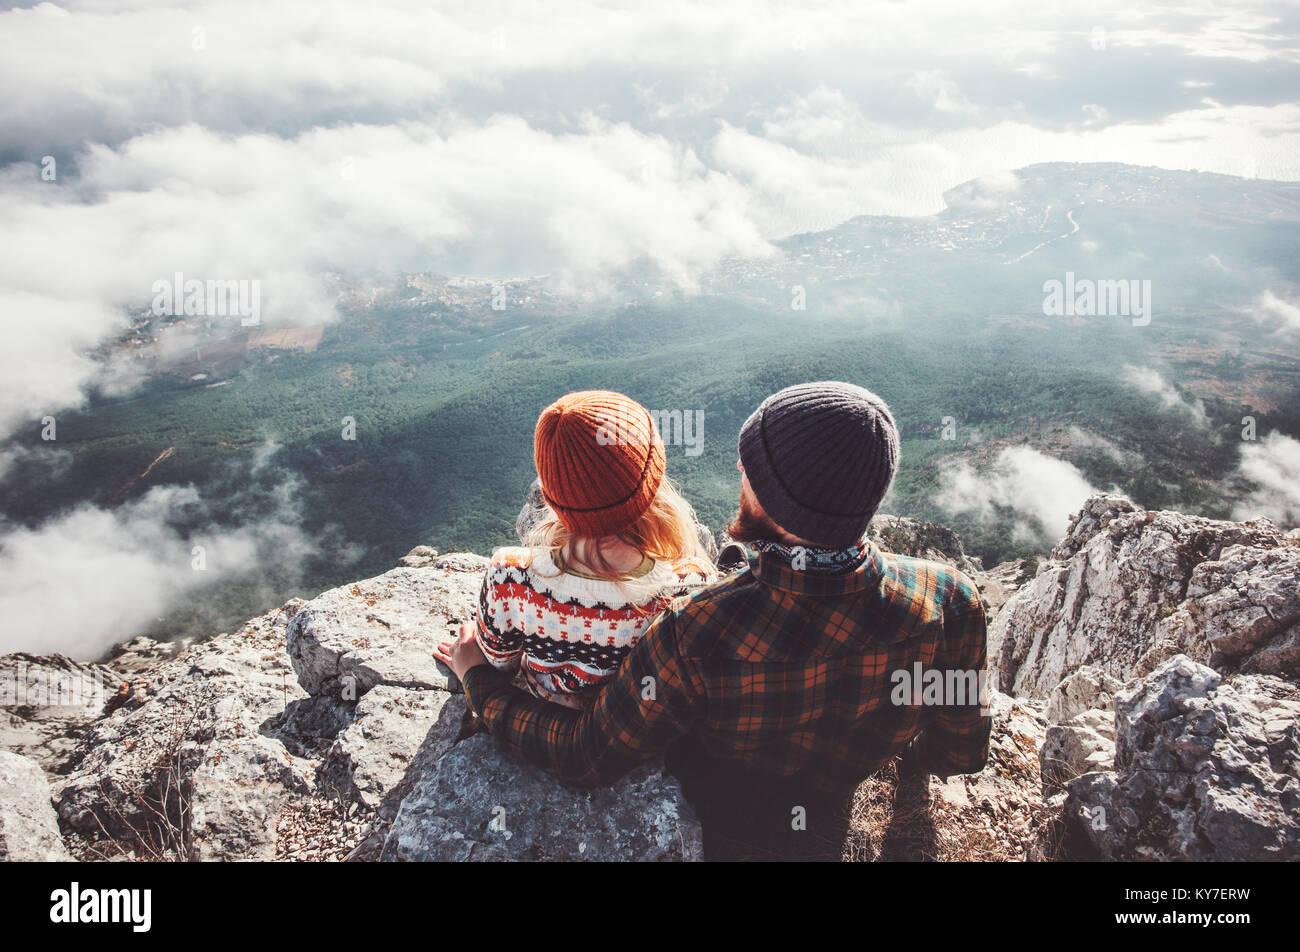 Giovane uomo e donna seduta costeggiata sulla scogliera godendo le montagne e le nuvole paesaggio amore e viaggio Immagini Stock